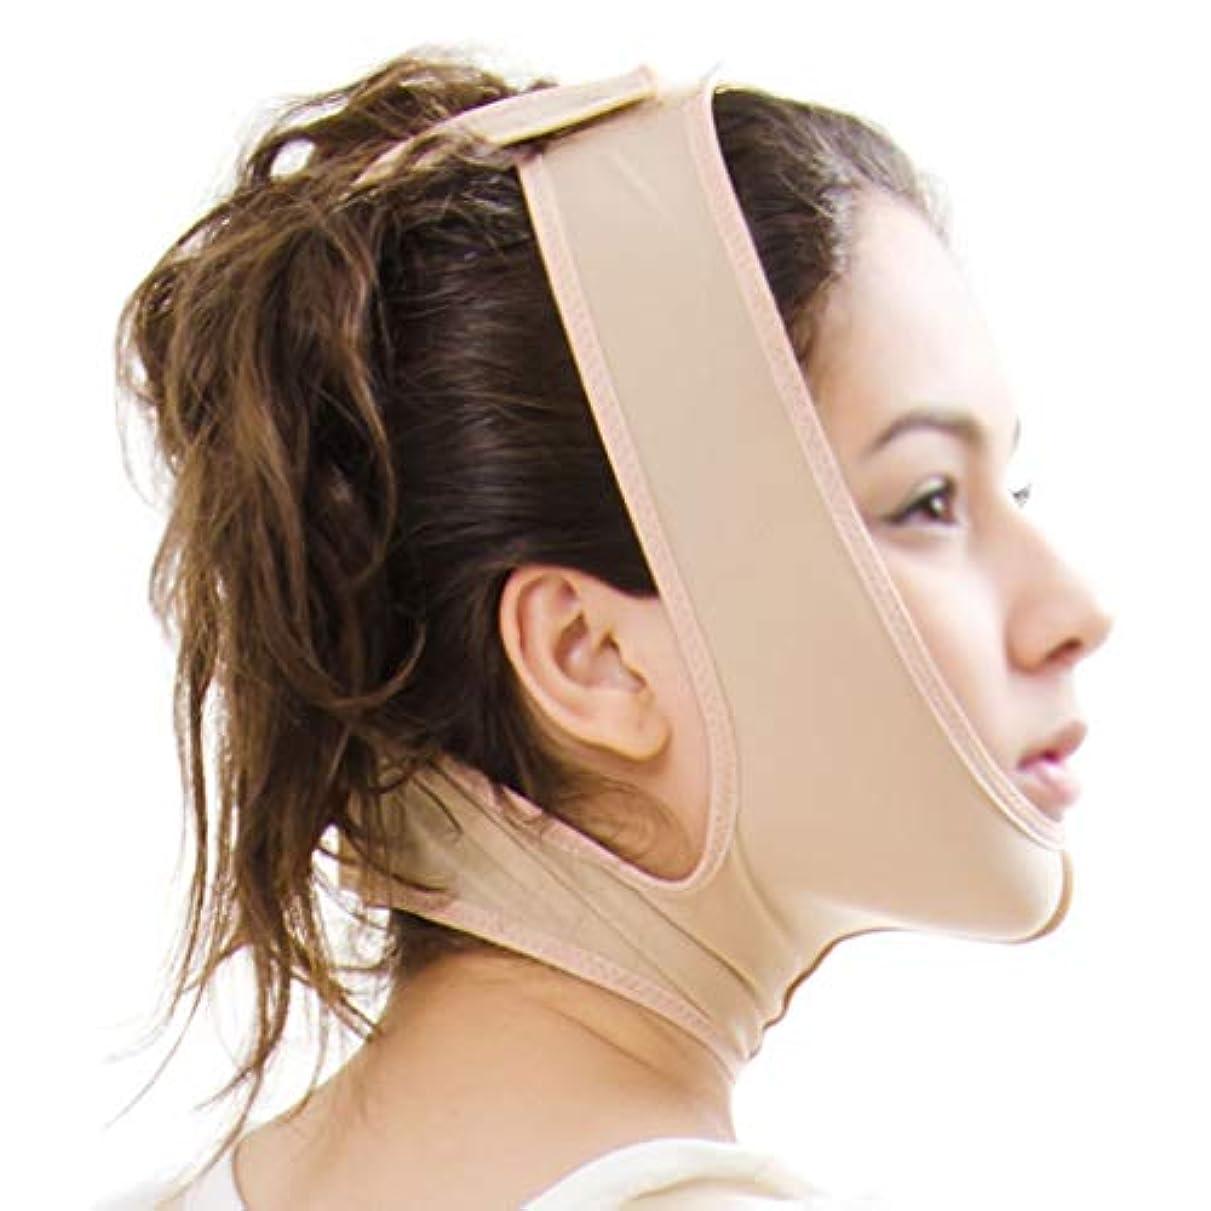 教育恨み登録GLJJQMY 顔面リフティング包帯あごの首と首の二重あごの脂肪吸引術後創傷マスク 顔用整形マスク (Size : S)